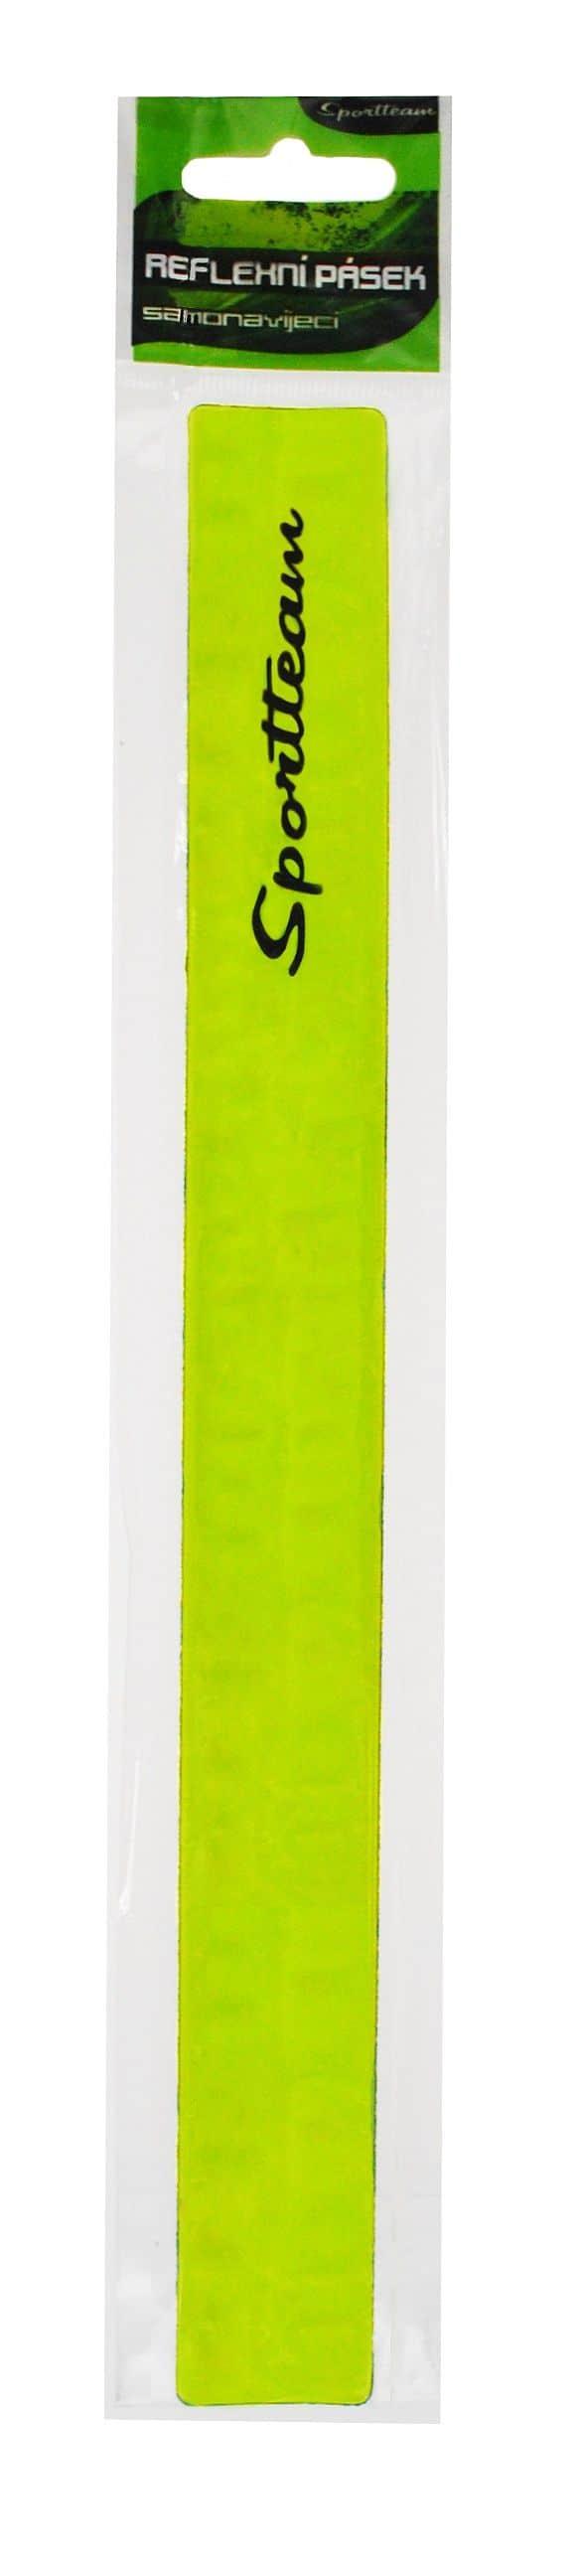 Reflexní pásek SPORTTEAM 3x30 cm, samonavíjecí